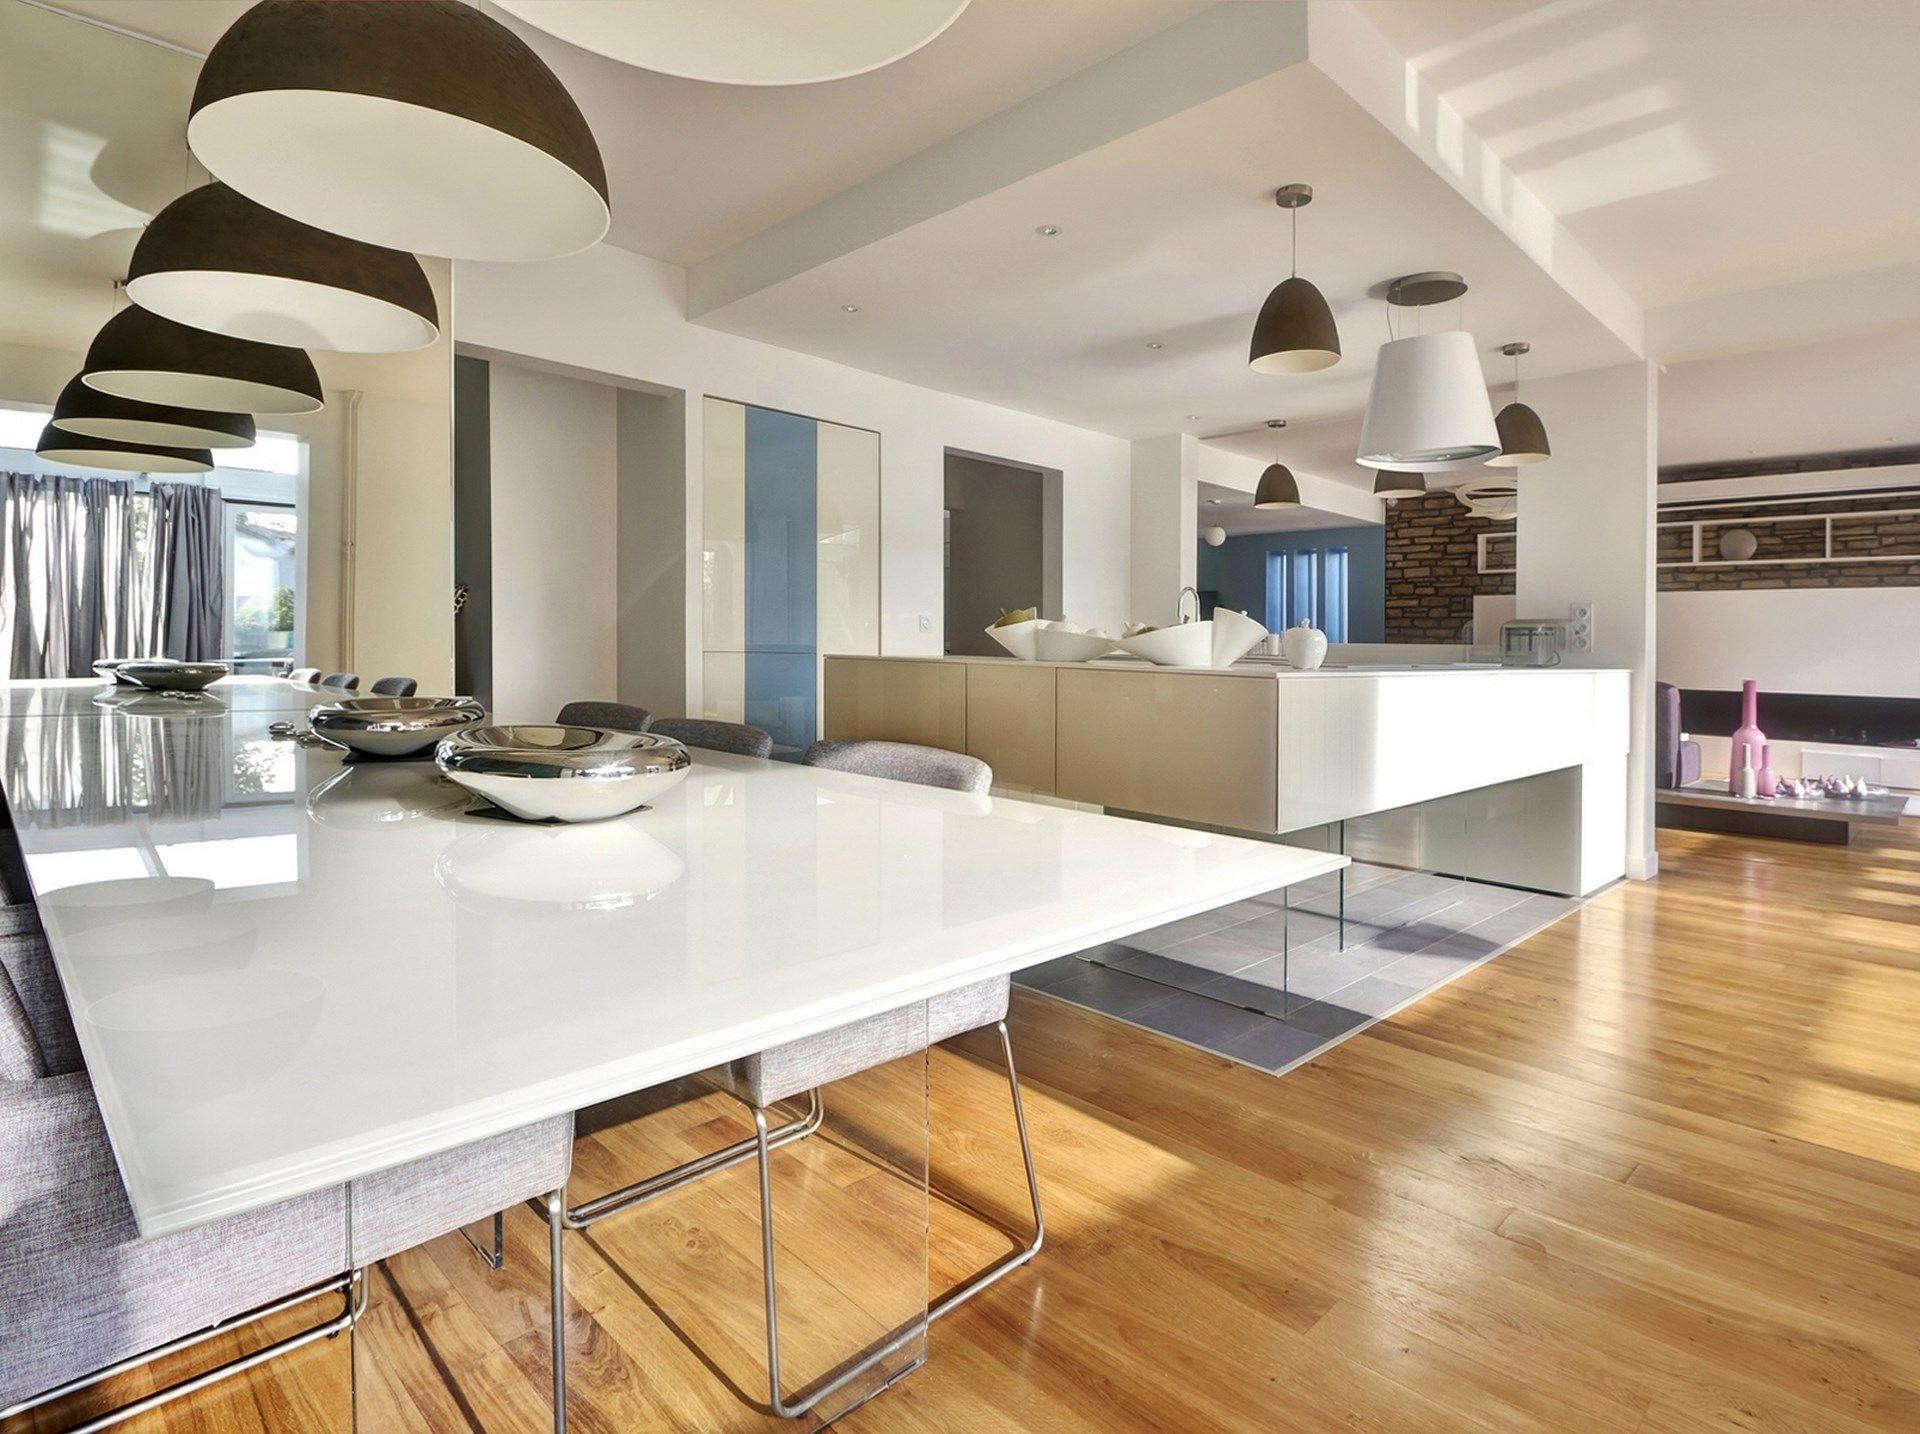 Maison Renovation Luxe Cuisine Lago Table Verre Blanc Laque Parquet - Table en verre cuisine